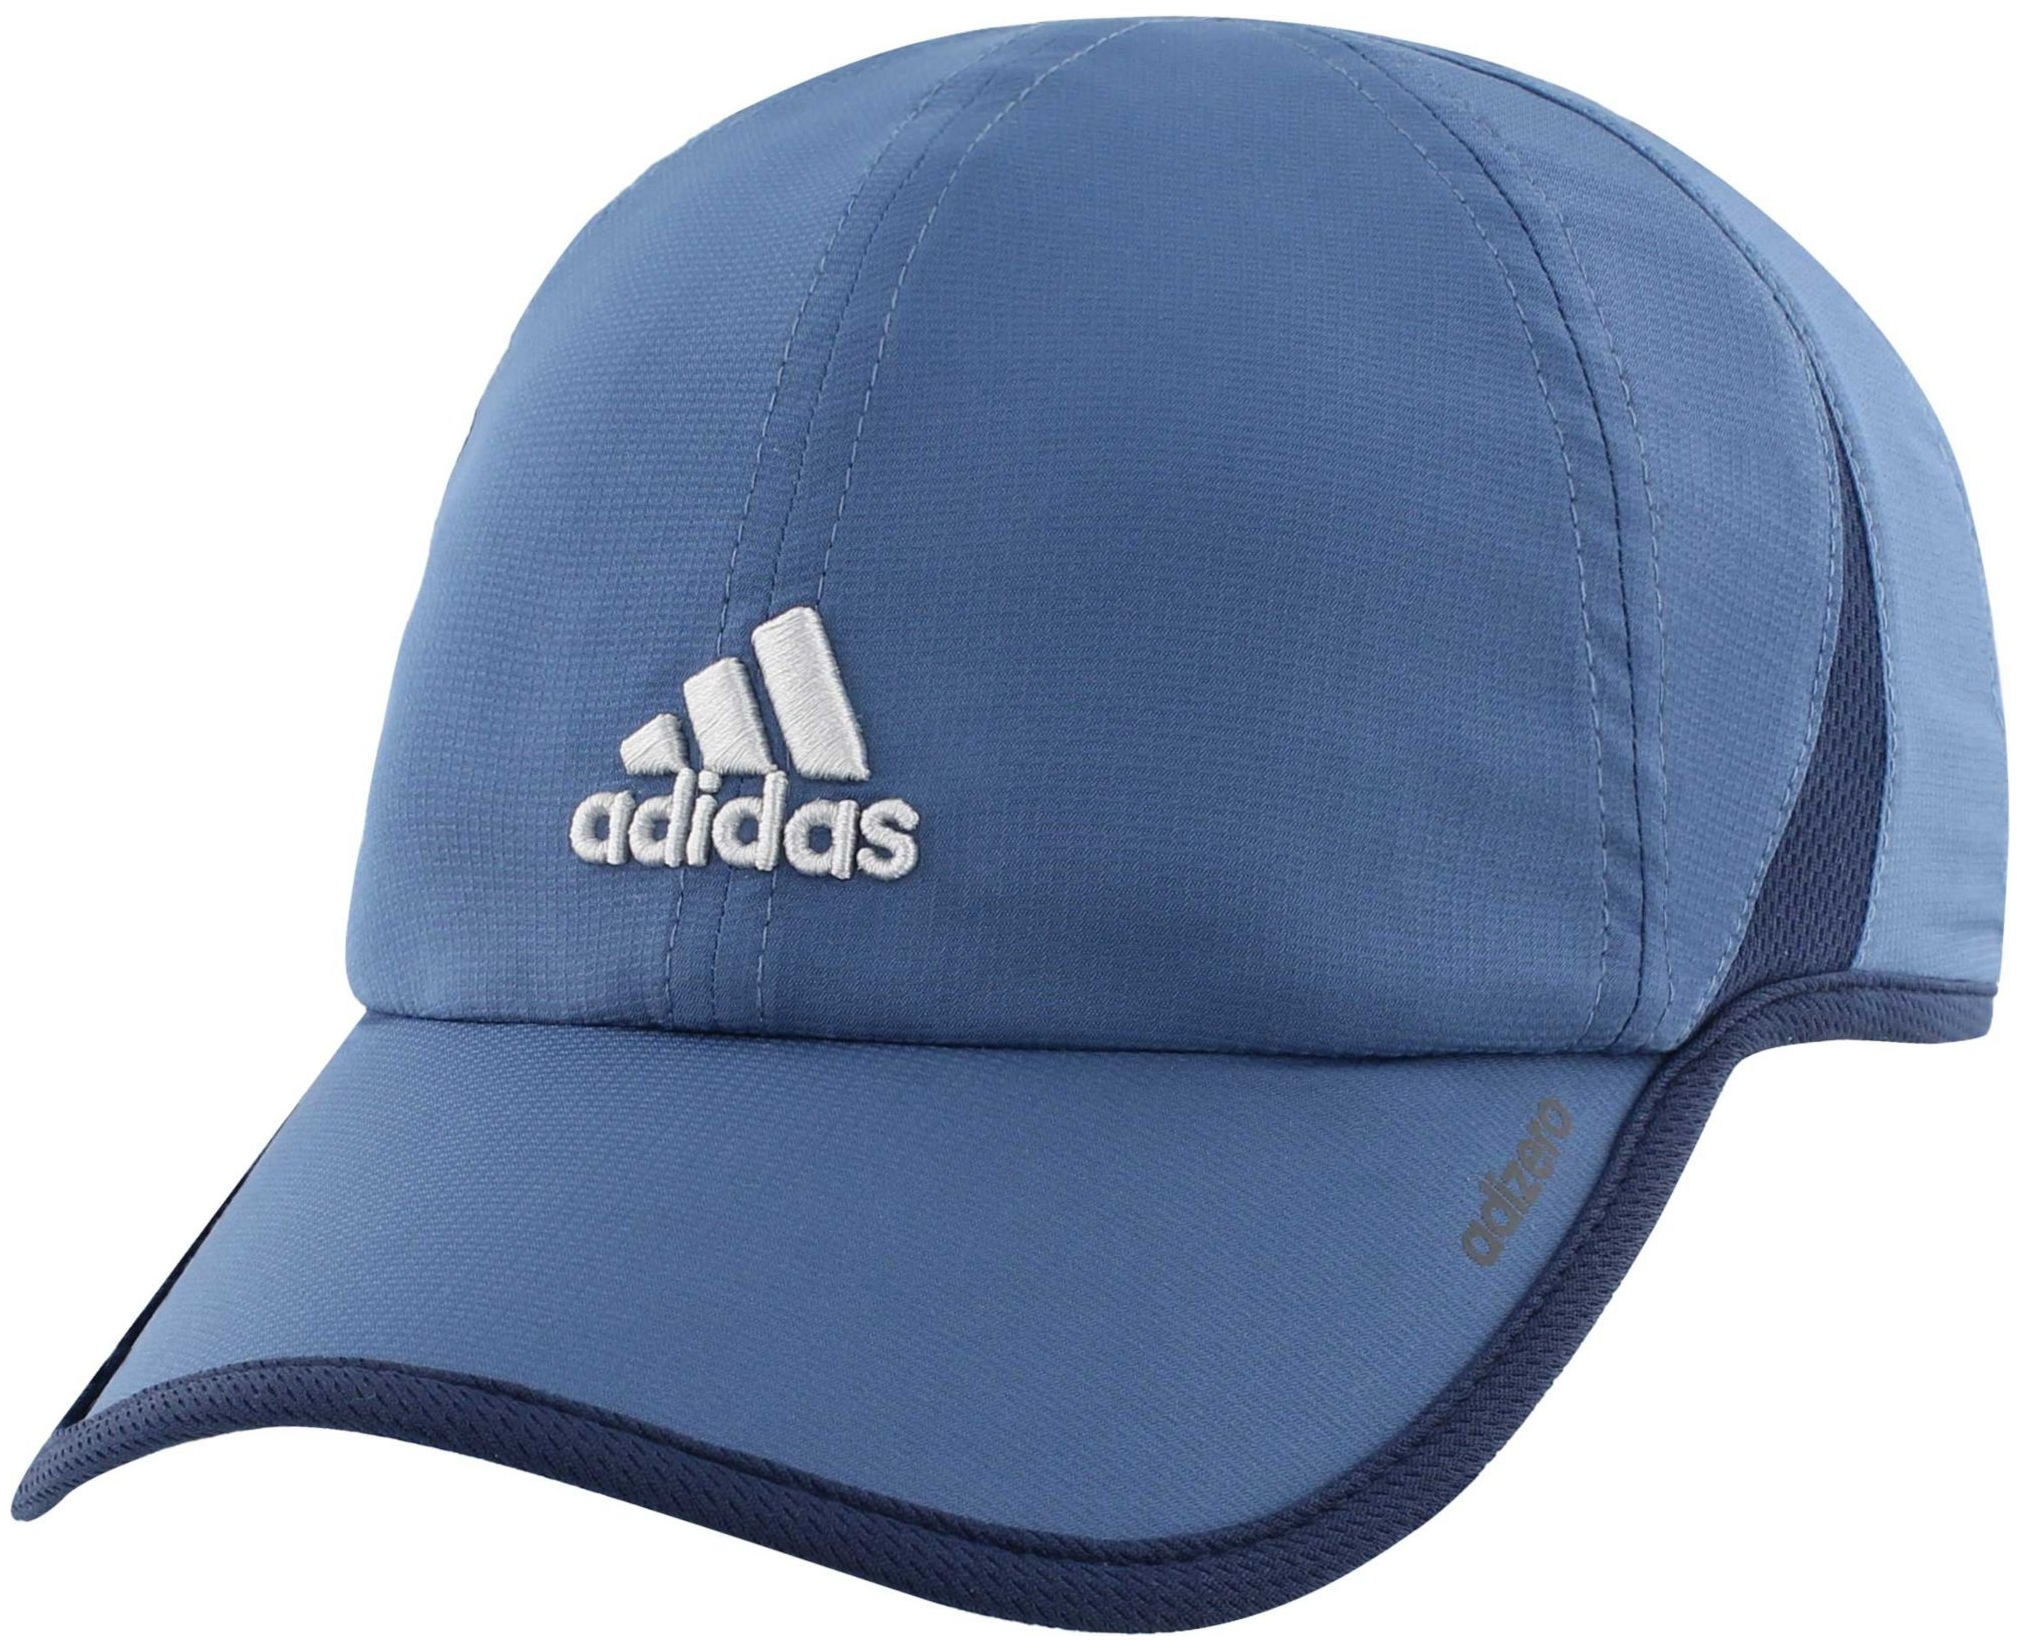 Adidas - adidas Men's Adizero II Cap